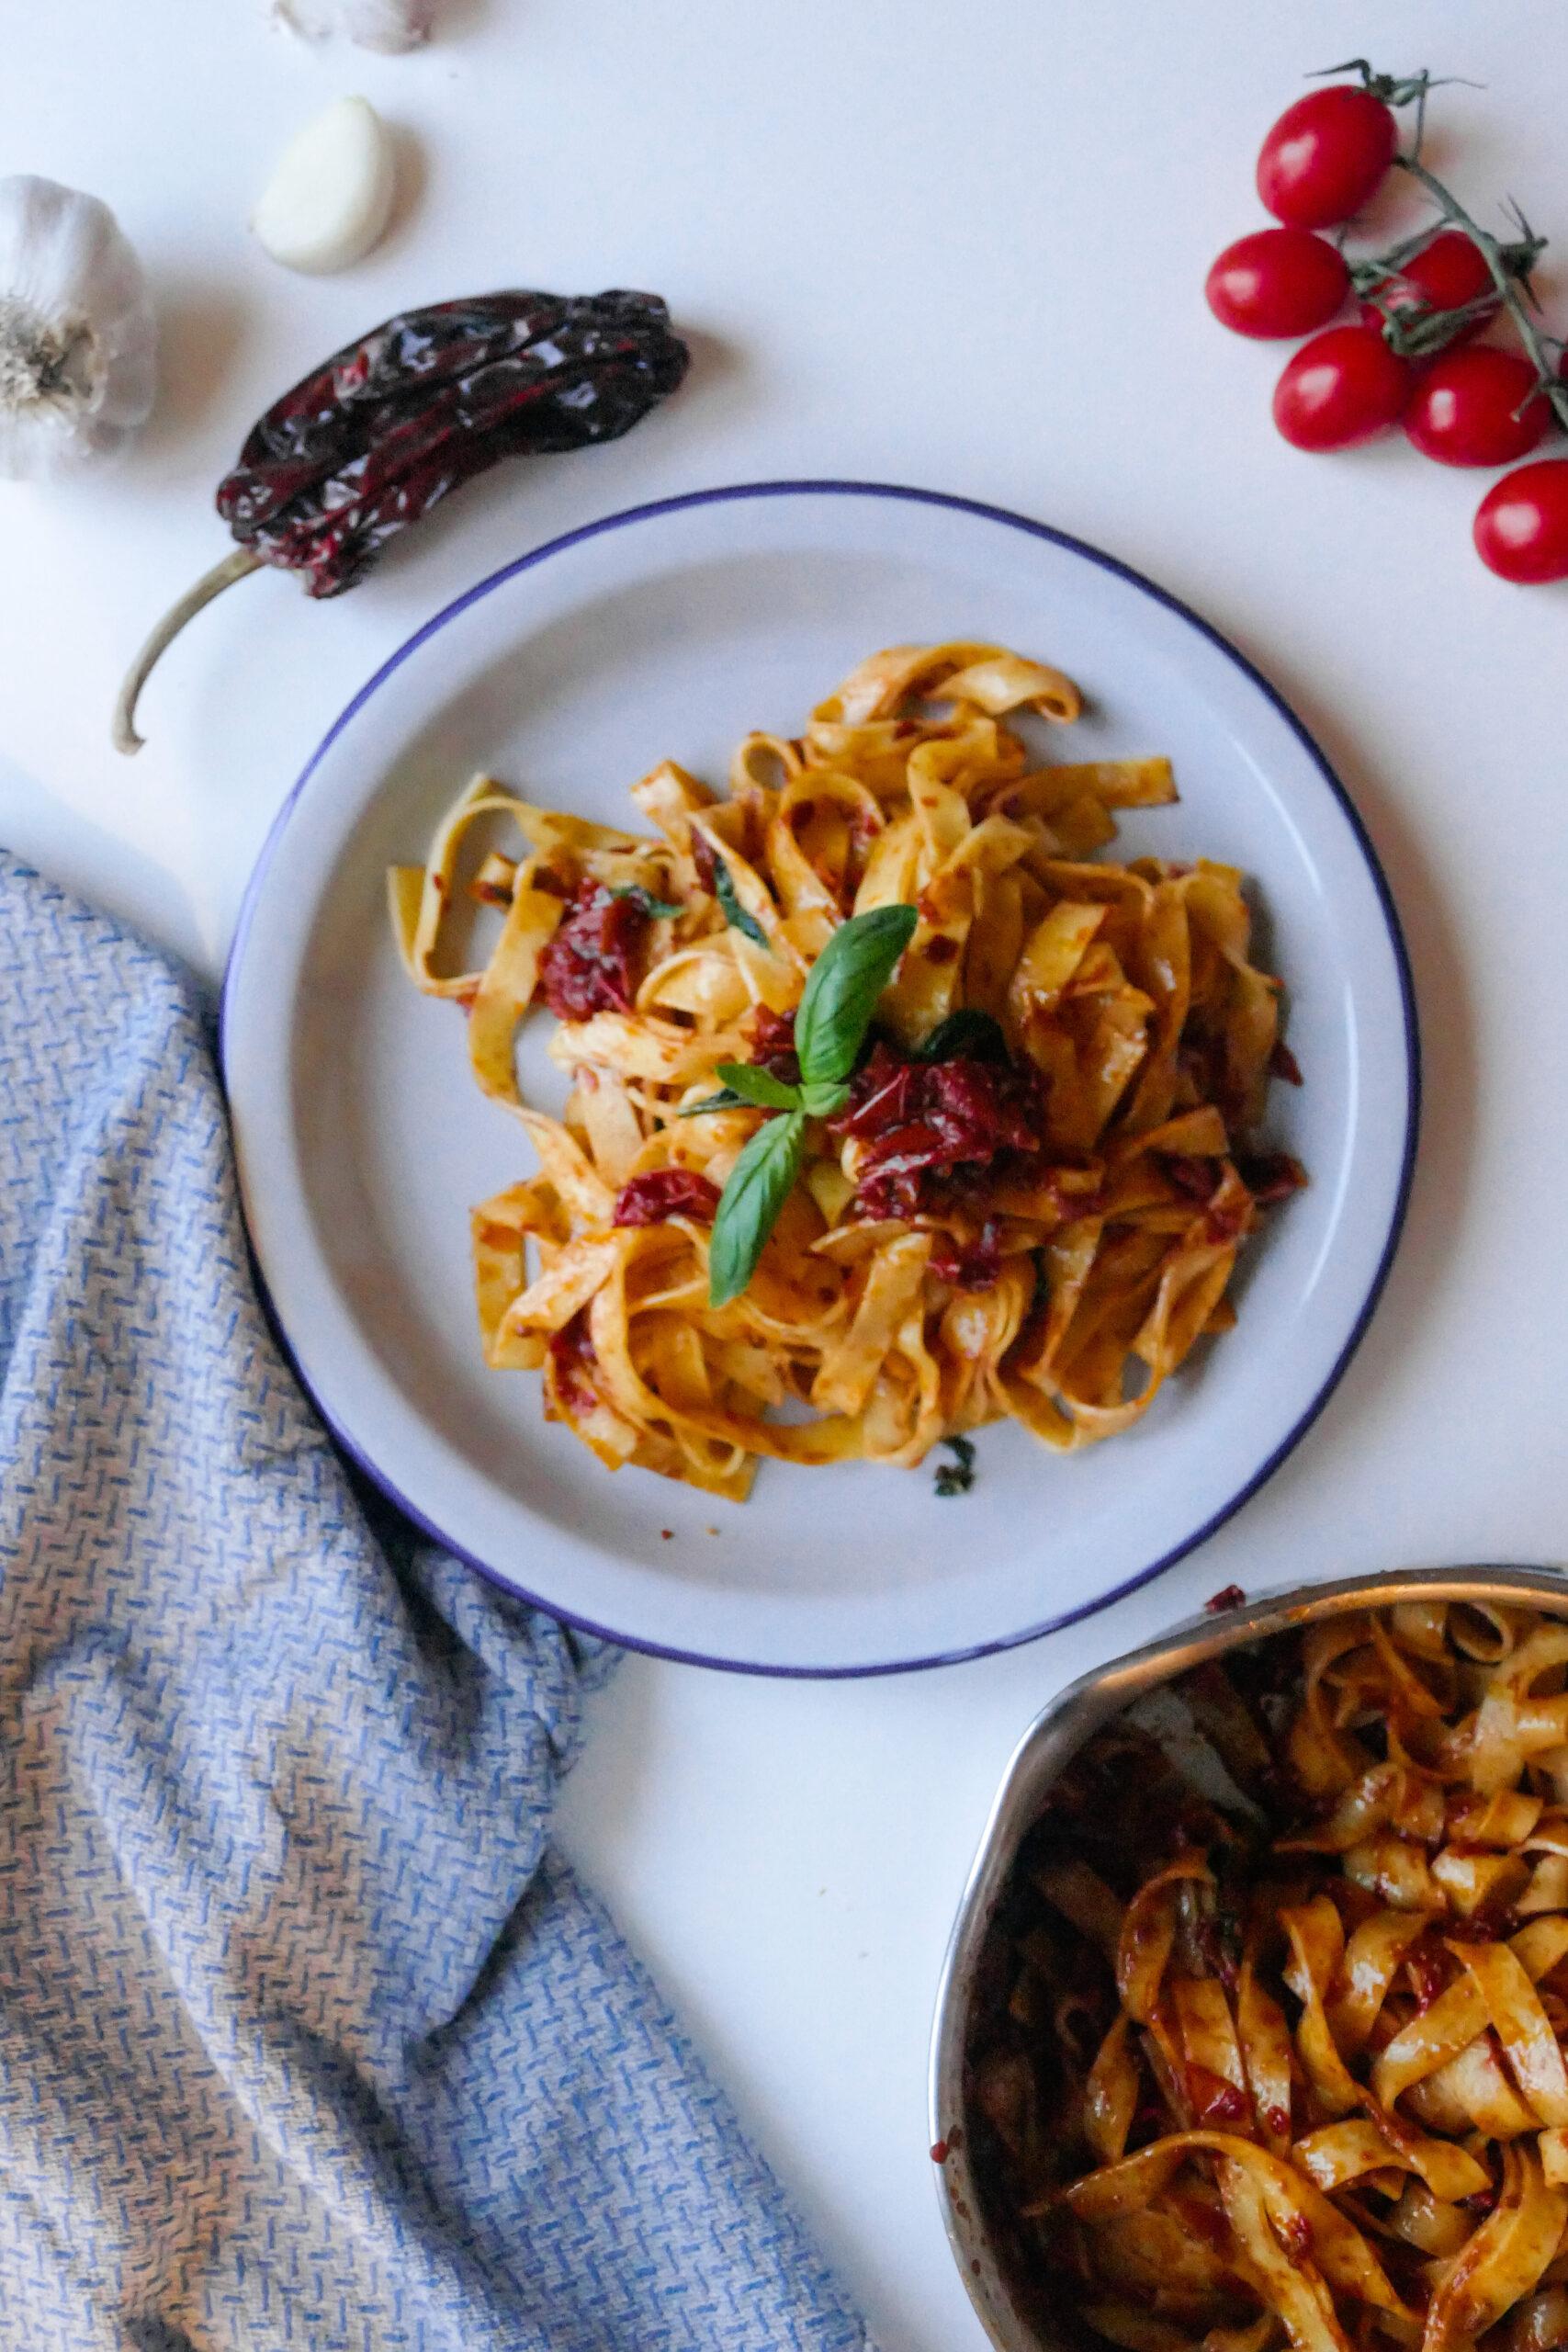 Receta fettuccine con tomatitos cherry y pimiento choricero Grossi